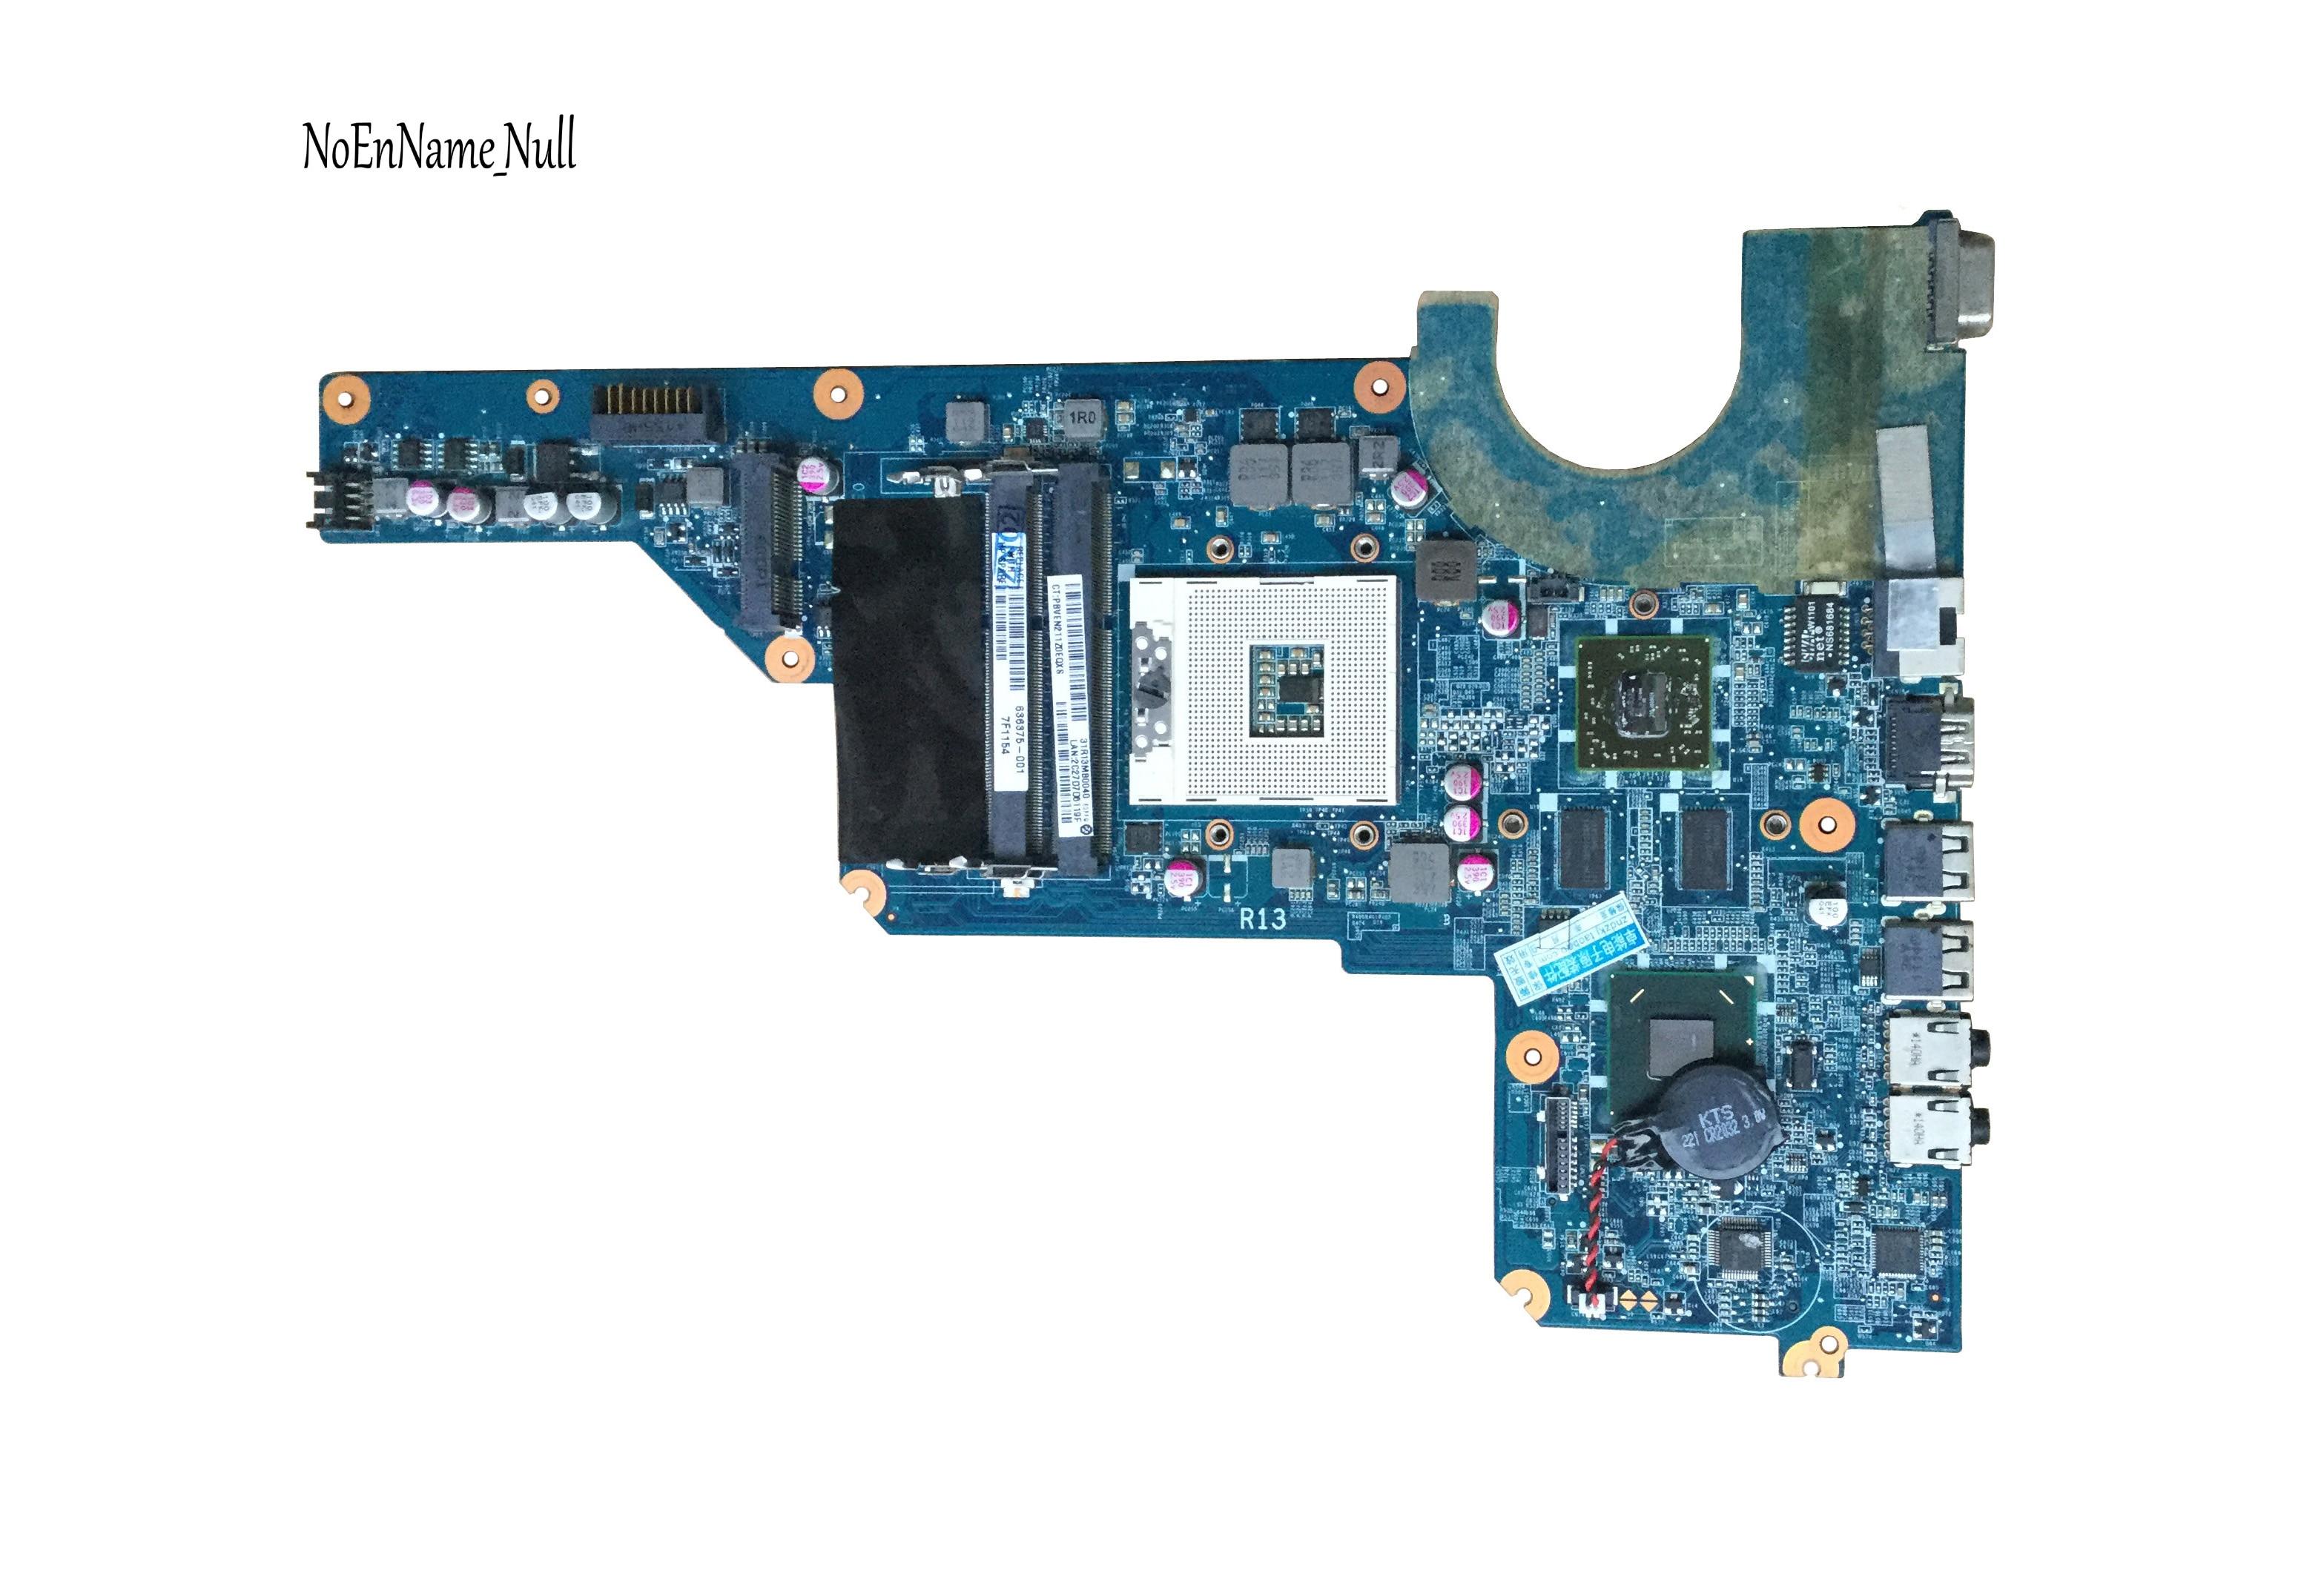 650199-001 636375-001 для HP pavilion DAOR13MB6E1 G4-1000 G4 G6 материнская плата для ноутбука с чипсетом hm65 100% Полная проверка ОК